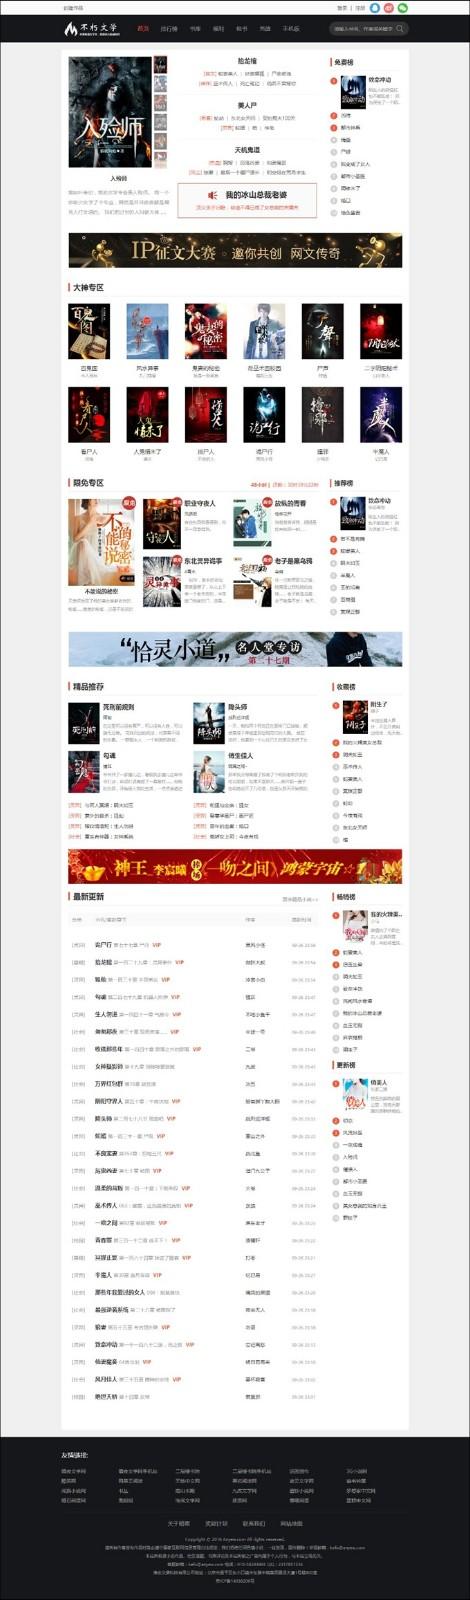 【网站模板】杰奇小说系统不朽文学双色调唯美模板